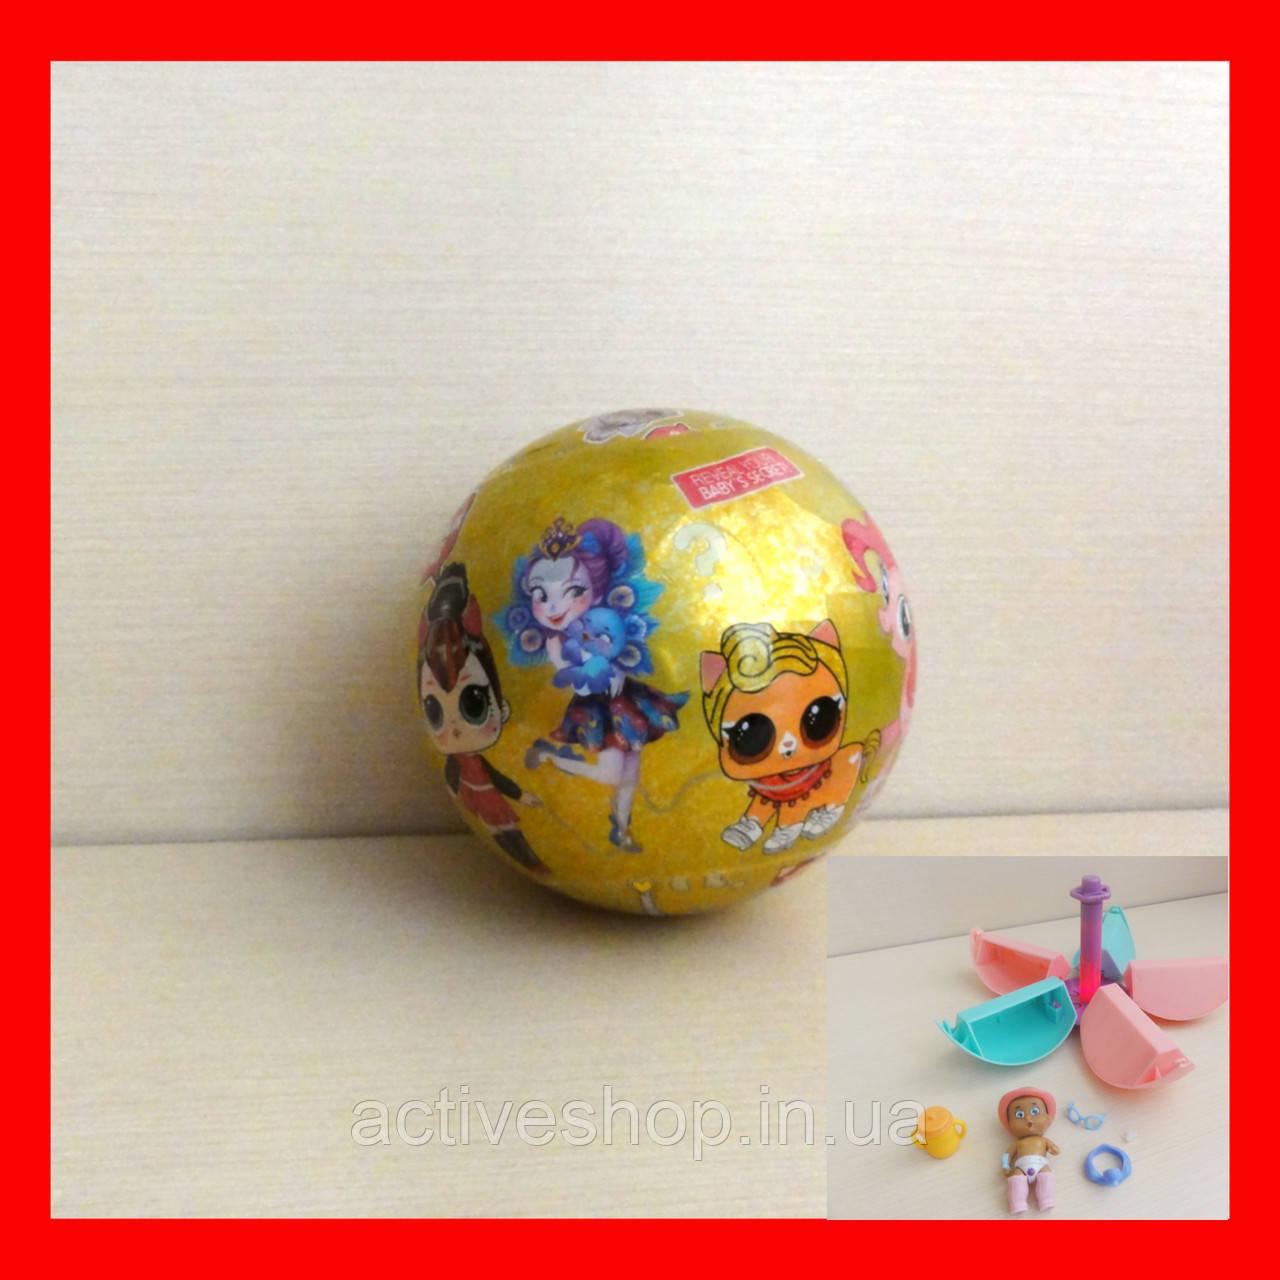 Кукла LOL (ЛОЛ) в шаре, шар 12 см